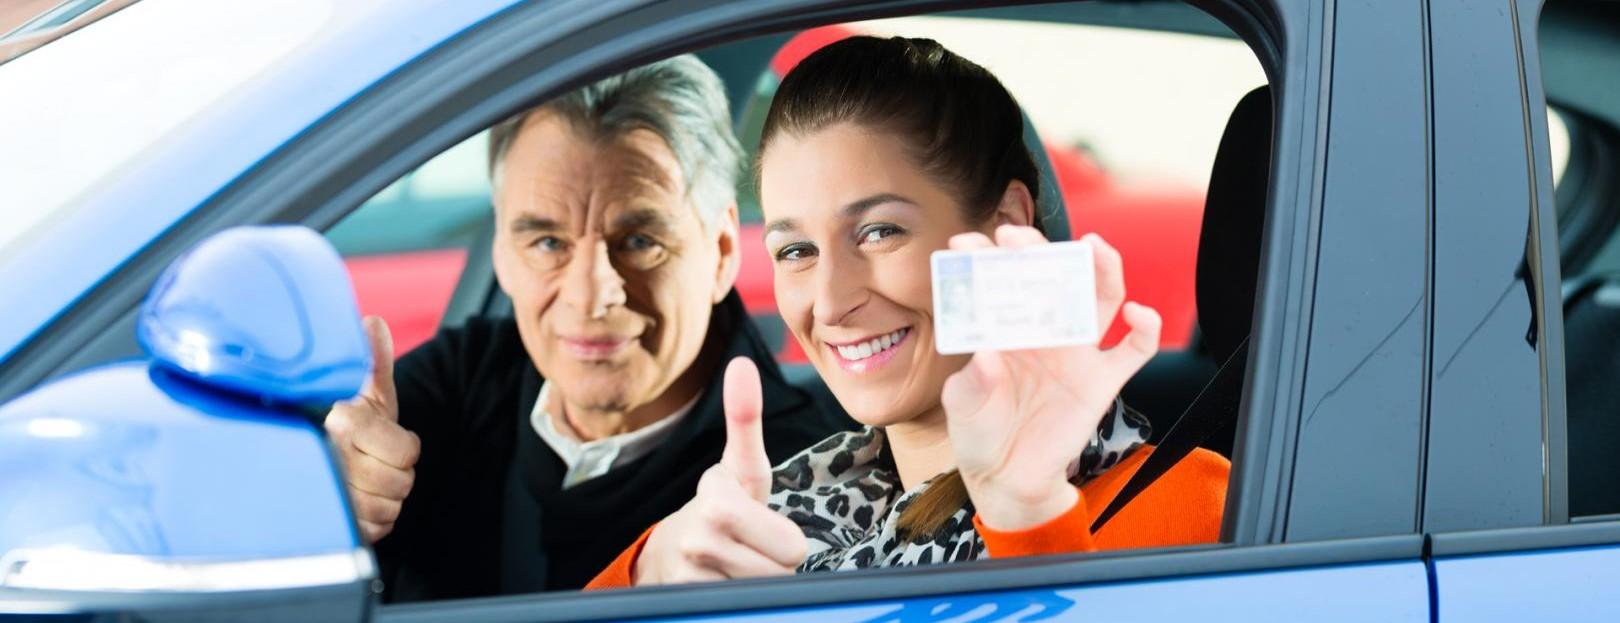 imatge d'una dona ensenyan el seu carnet de conduir amb l'examinador